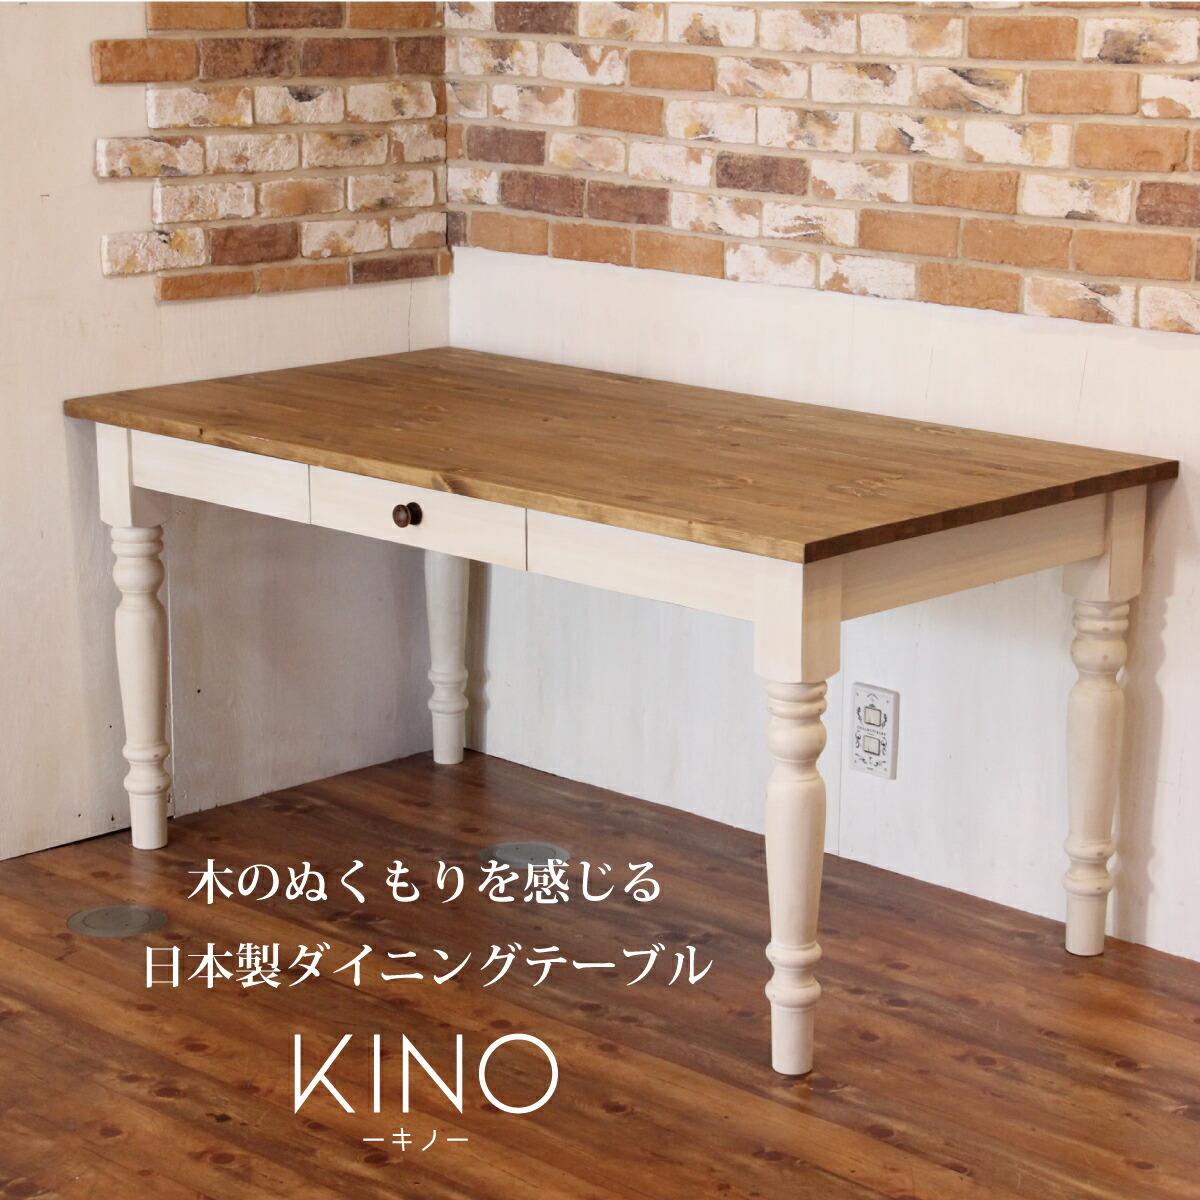 テーブル 木製 ダイニングテーブル kino -キノ- 北欧 机 サイズオーダー 無垢 パイン材 食卓 引き出し付き 引き出し ホワイト 白 おしゃれ かわいい エレガンス カフェ カントリー アンティーク レトロ ヴィンテージ家具 インテリア カント